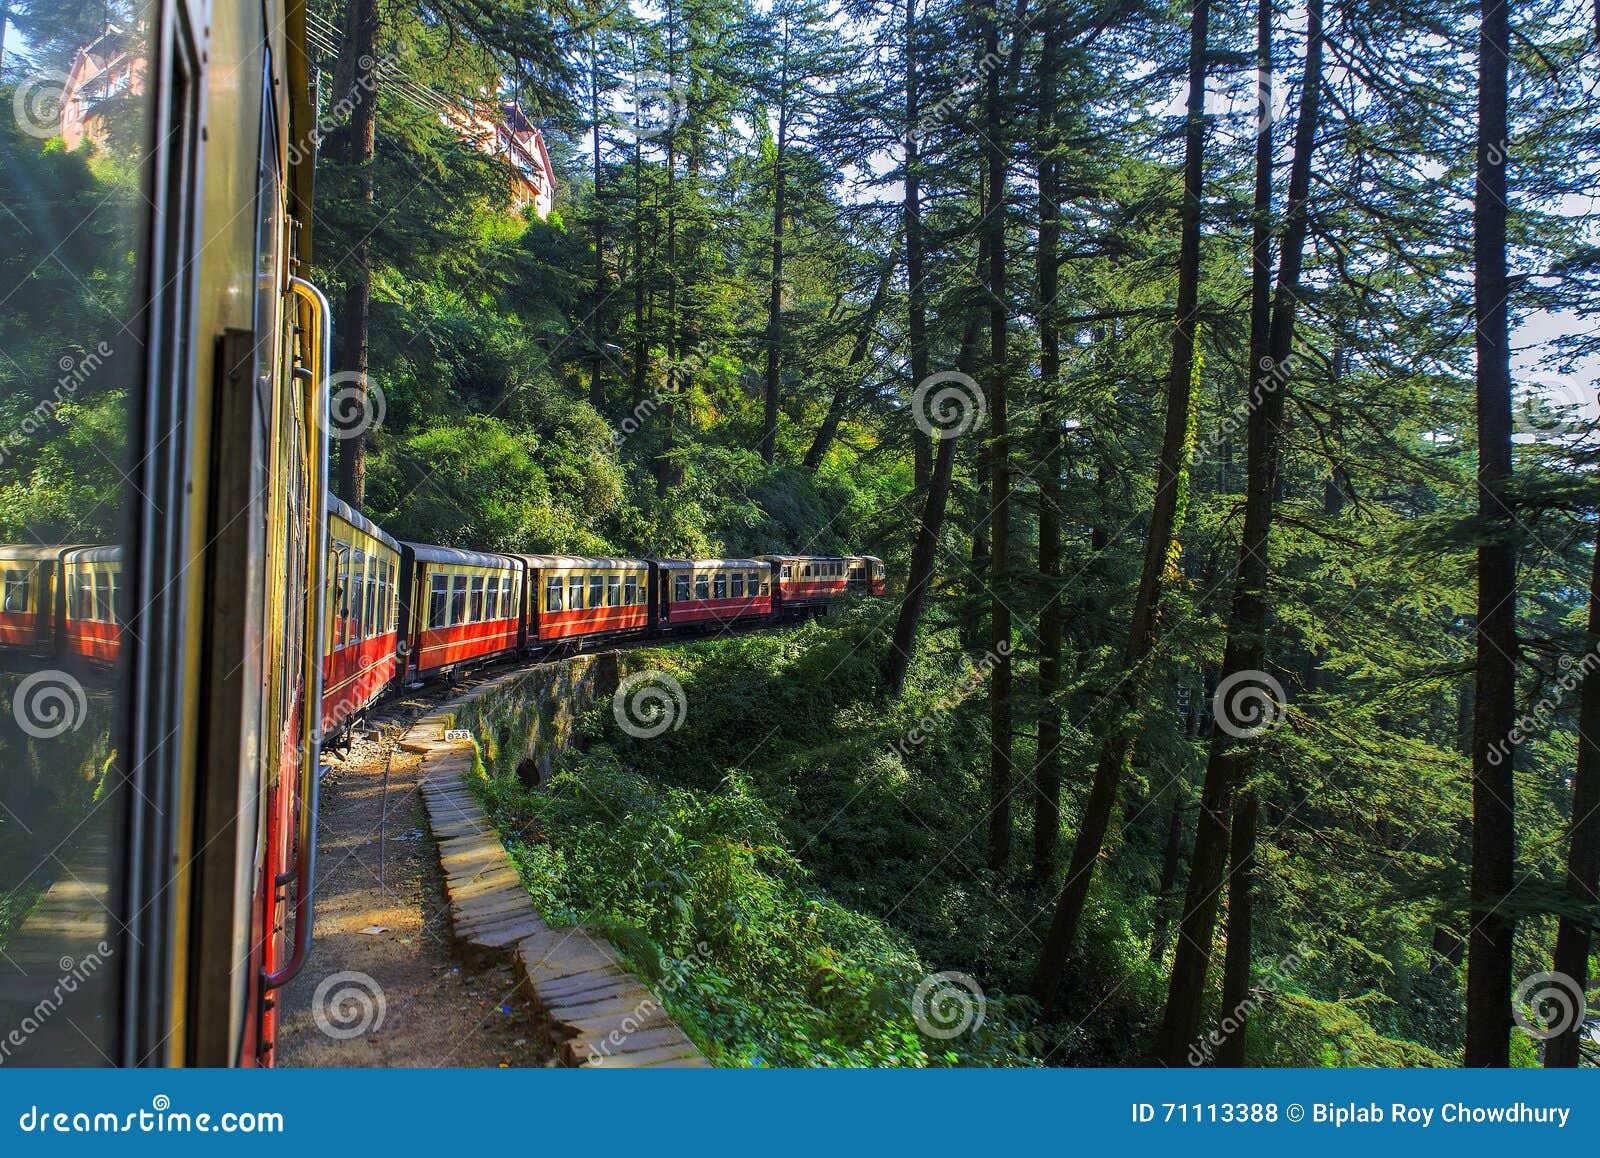 Kalka to Simala toy train.